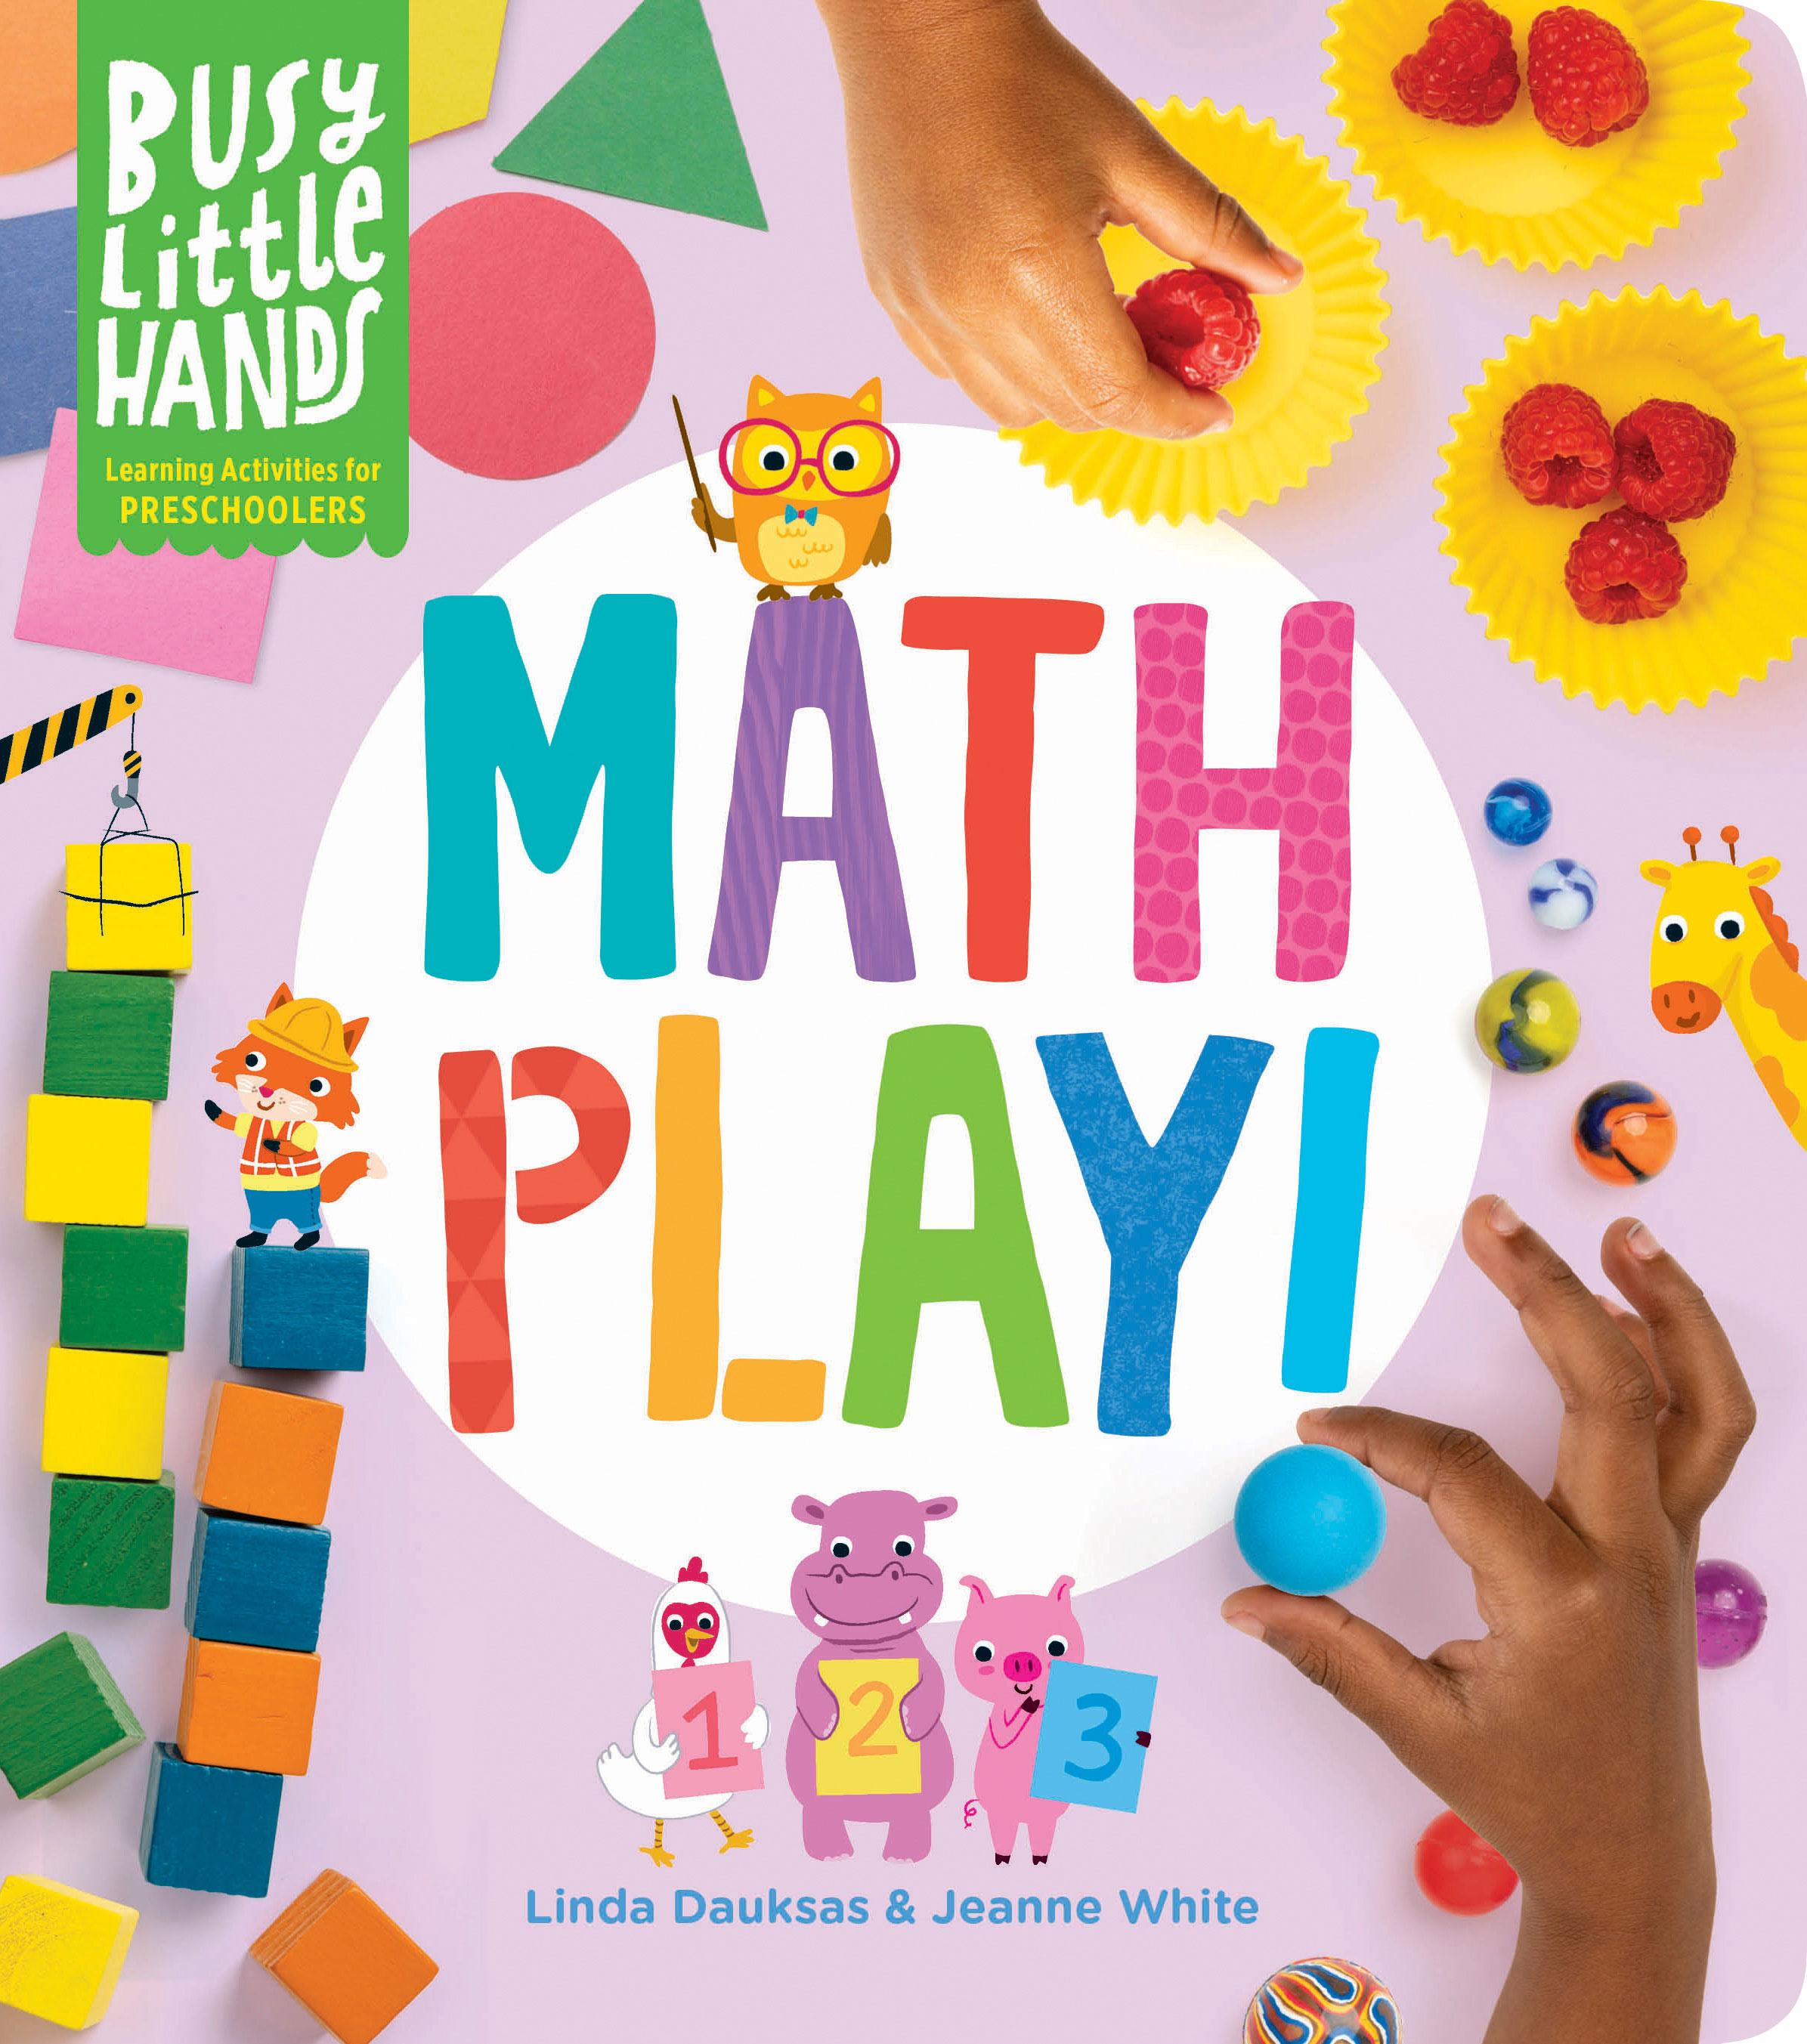 Busy Little Hands: Math Play! Learning Activities for Preschoolers - Linda Dauksas